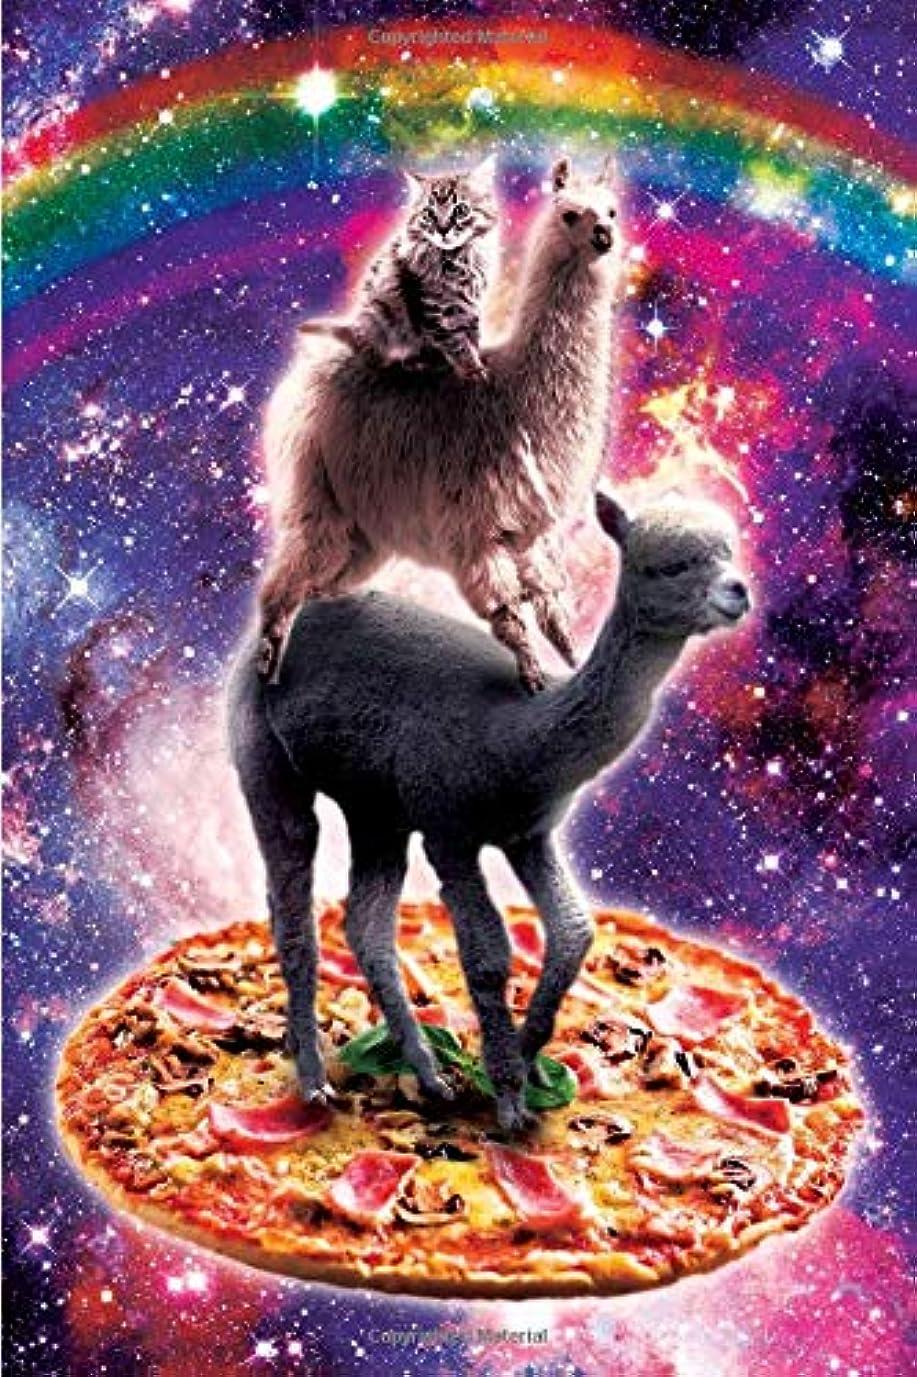 殺しますアマチュア共感するSpace Cat Llama Alpaca Riding Pizza Daily Weekly Planner